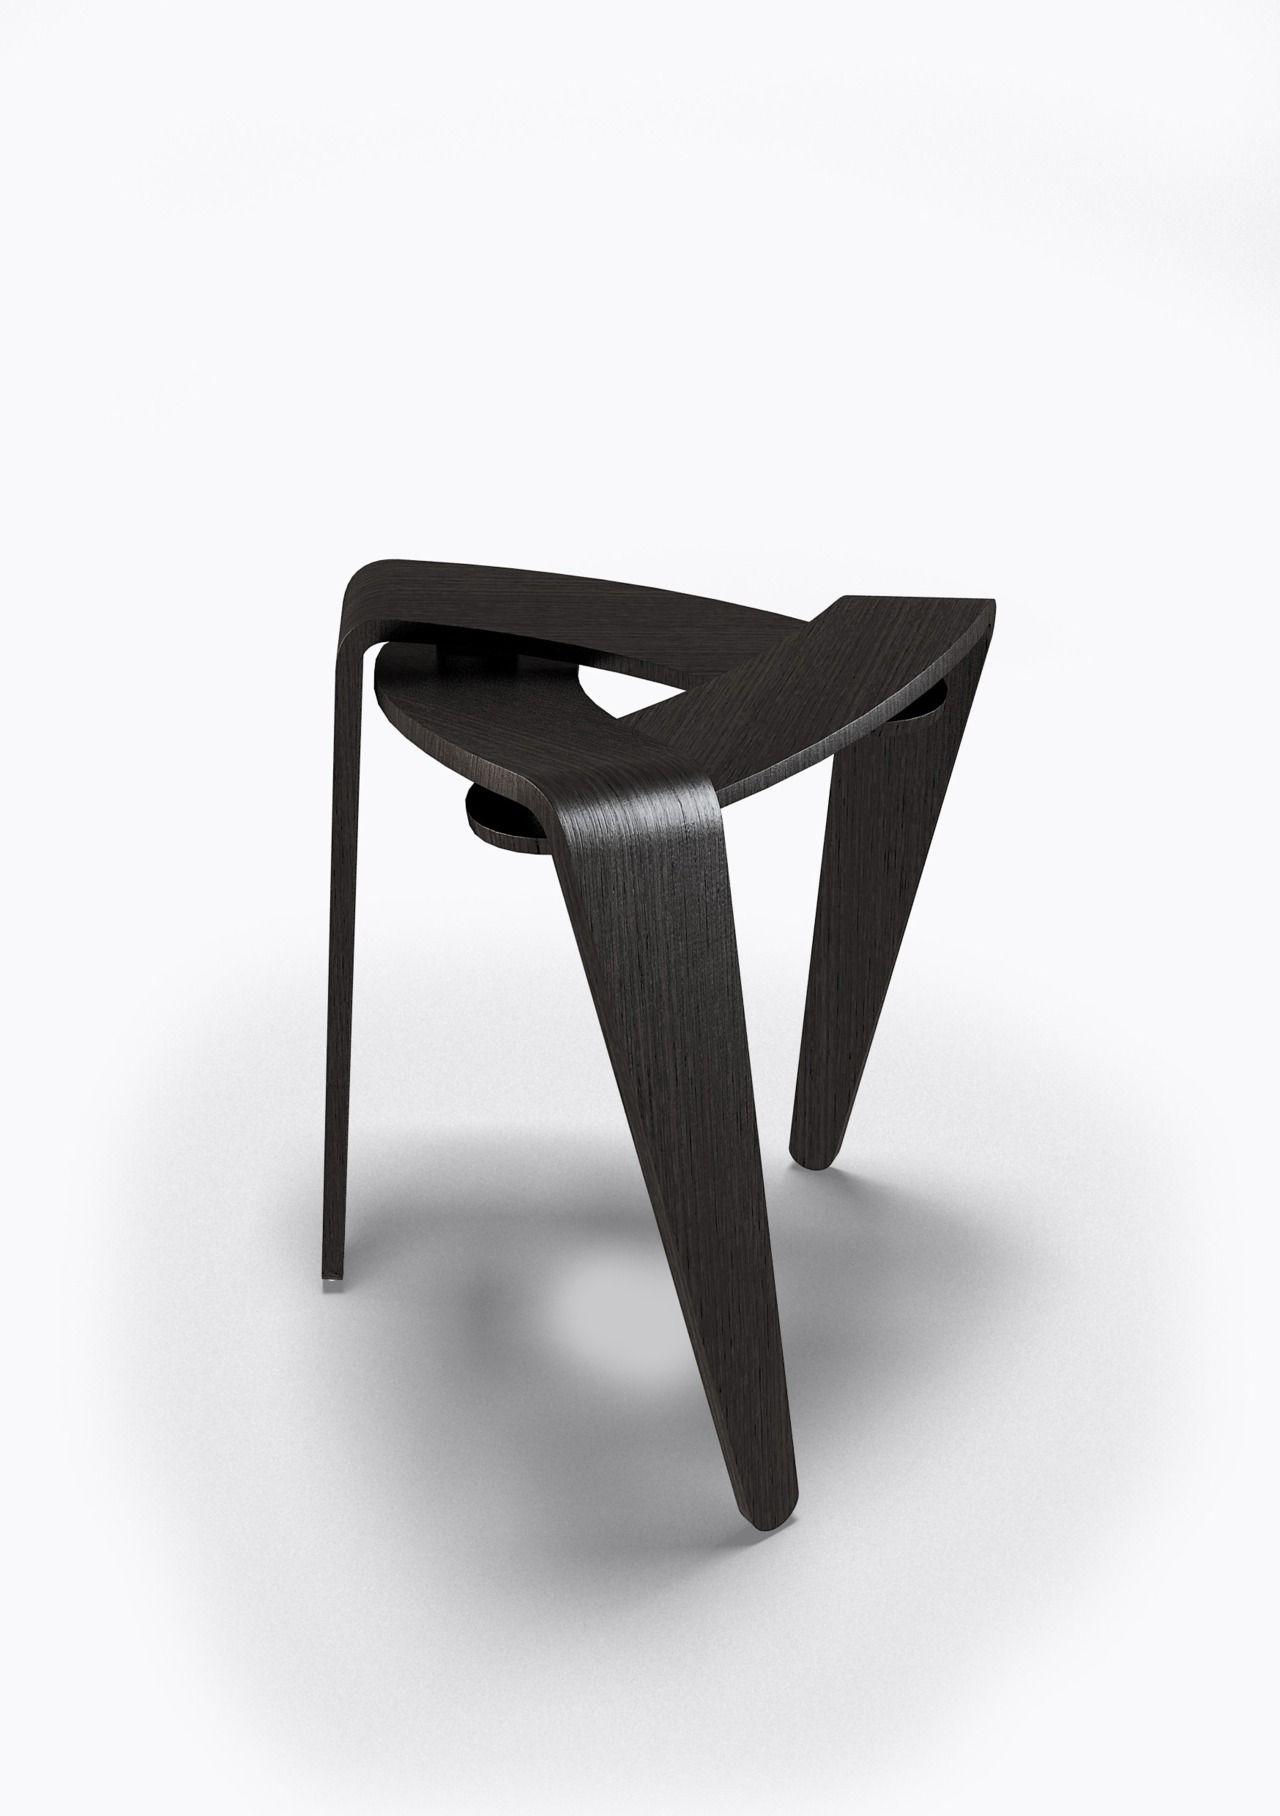 modell 'diaphragm' von michaël bihai